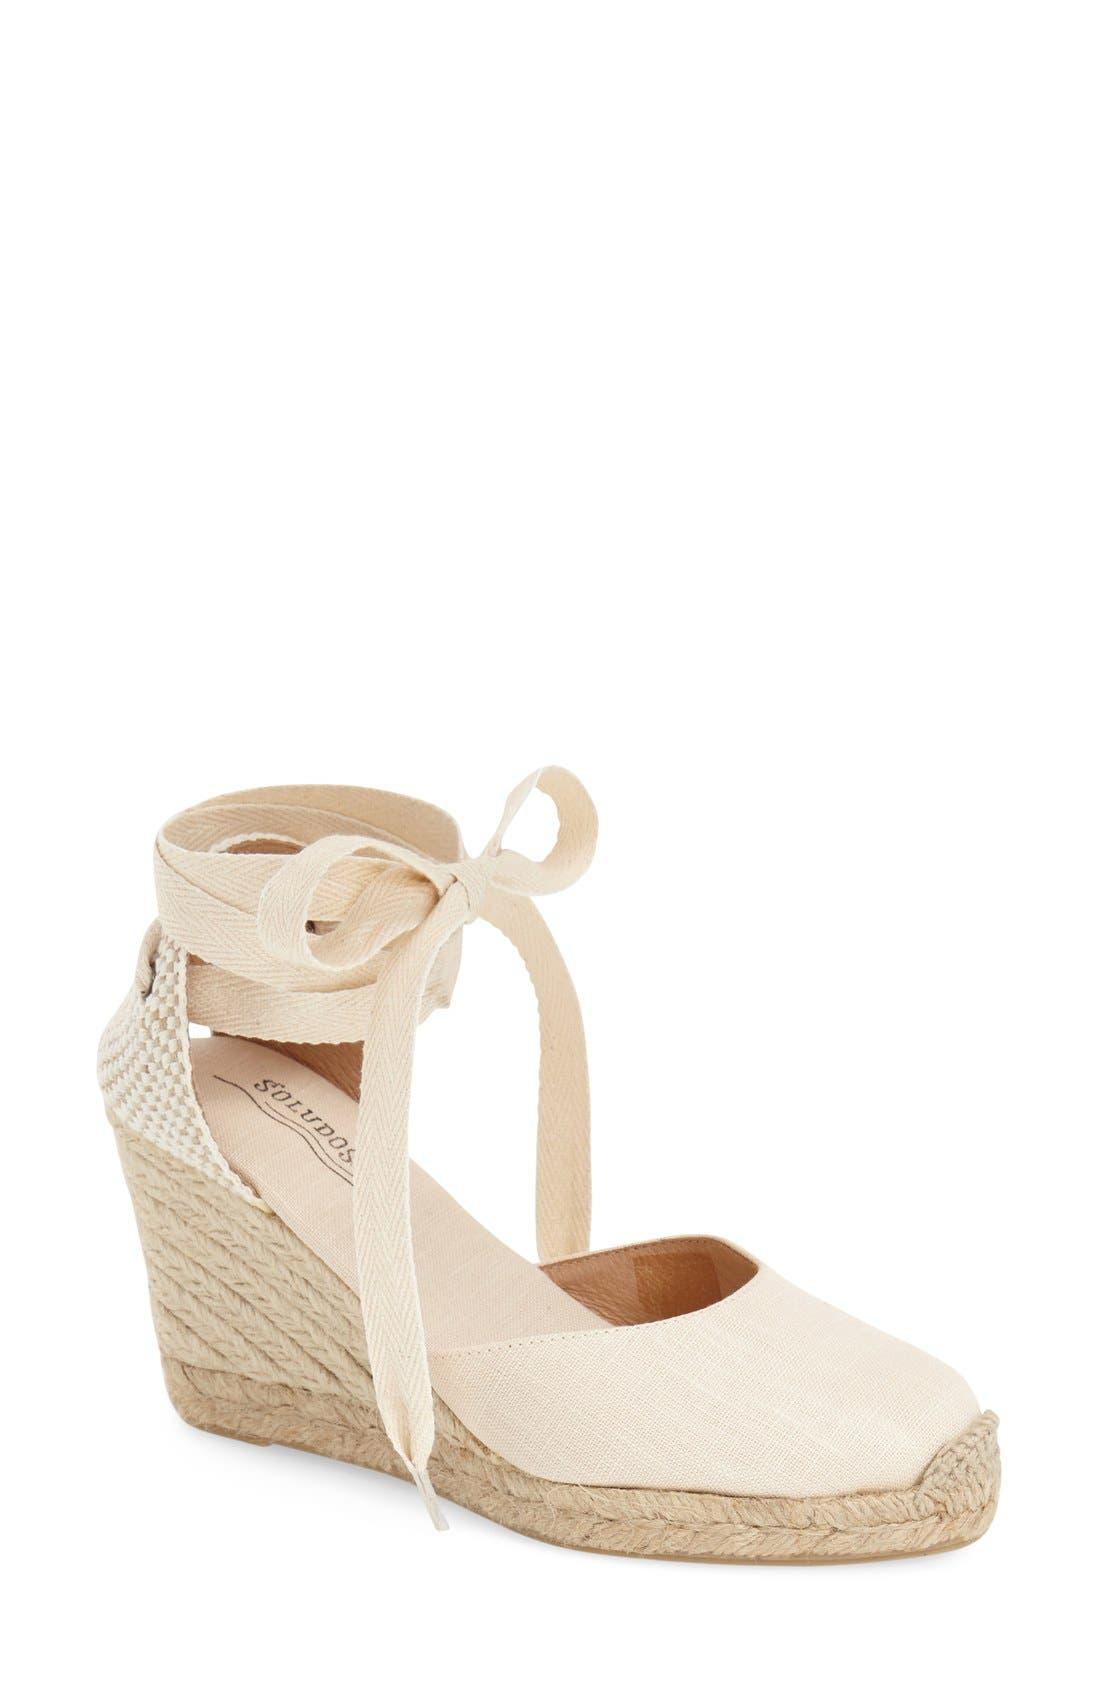 Wedge Lace-Up Espadrille Sandal,                             Main thumbnail 1, color,                             Blush Linen